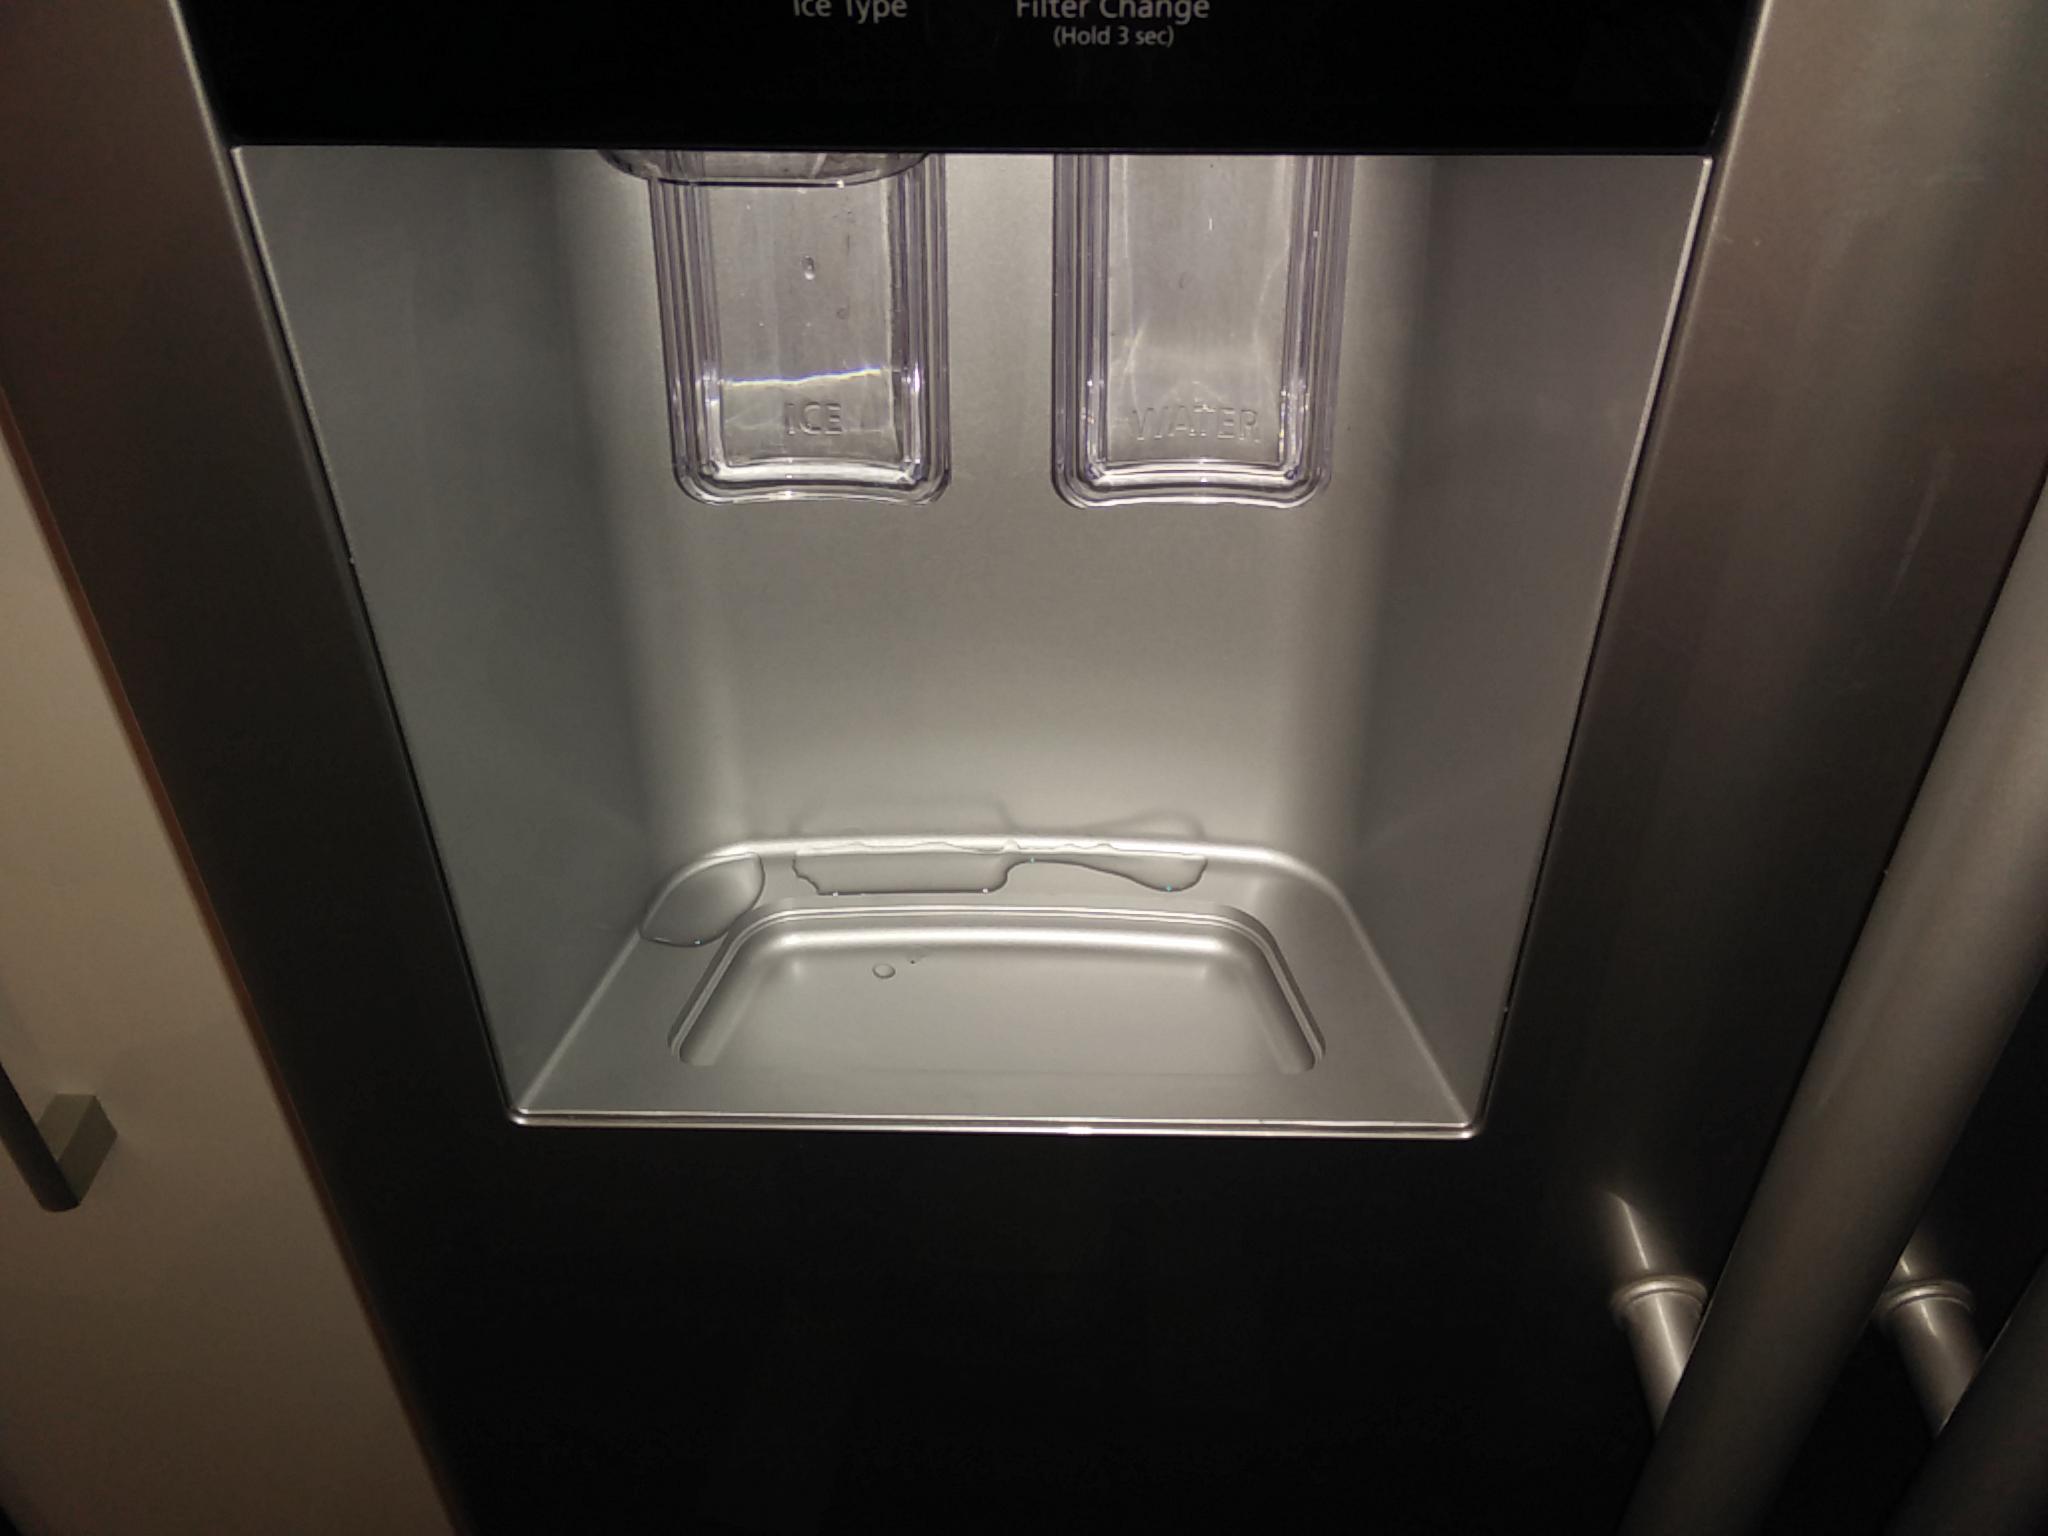 Aeg Kühlschrank Wasser Steht : Gelöst: side by side rsa1zhpe eiswürfel spender tropft schimmel